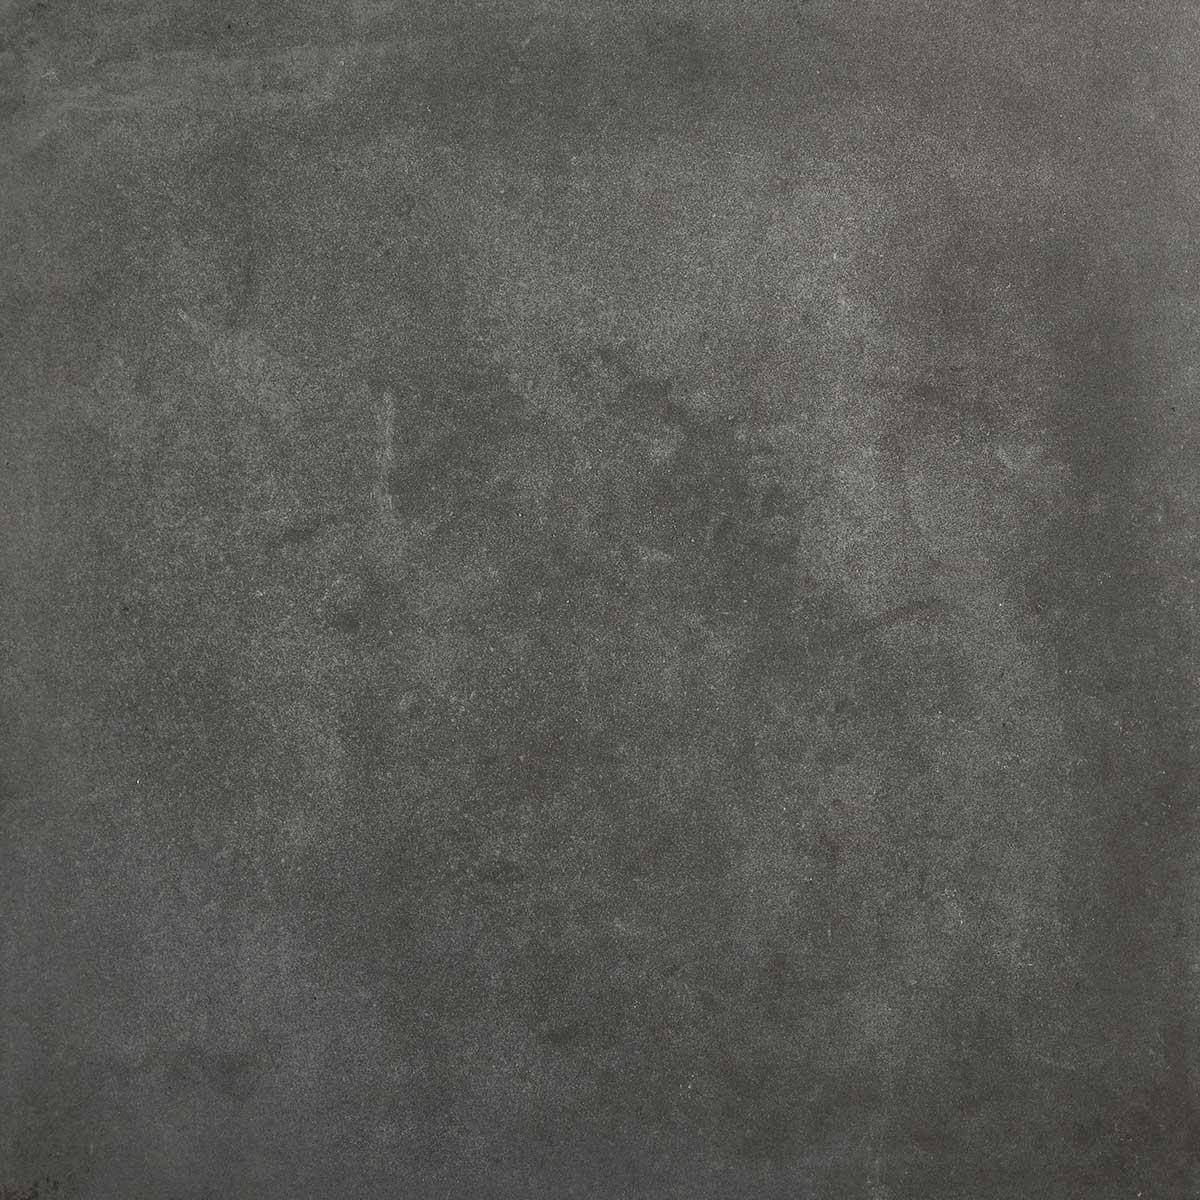 """Carrelage de sol intérieur grès cérame émaillé """"Konkrete"""" anthracite 42,6 x 42,6 cm"""